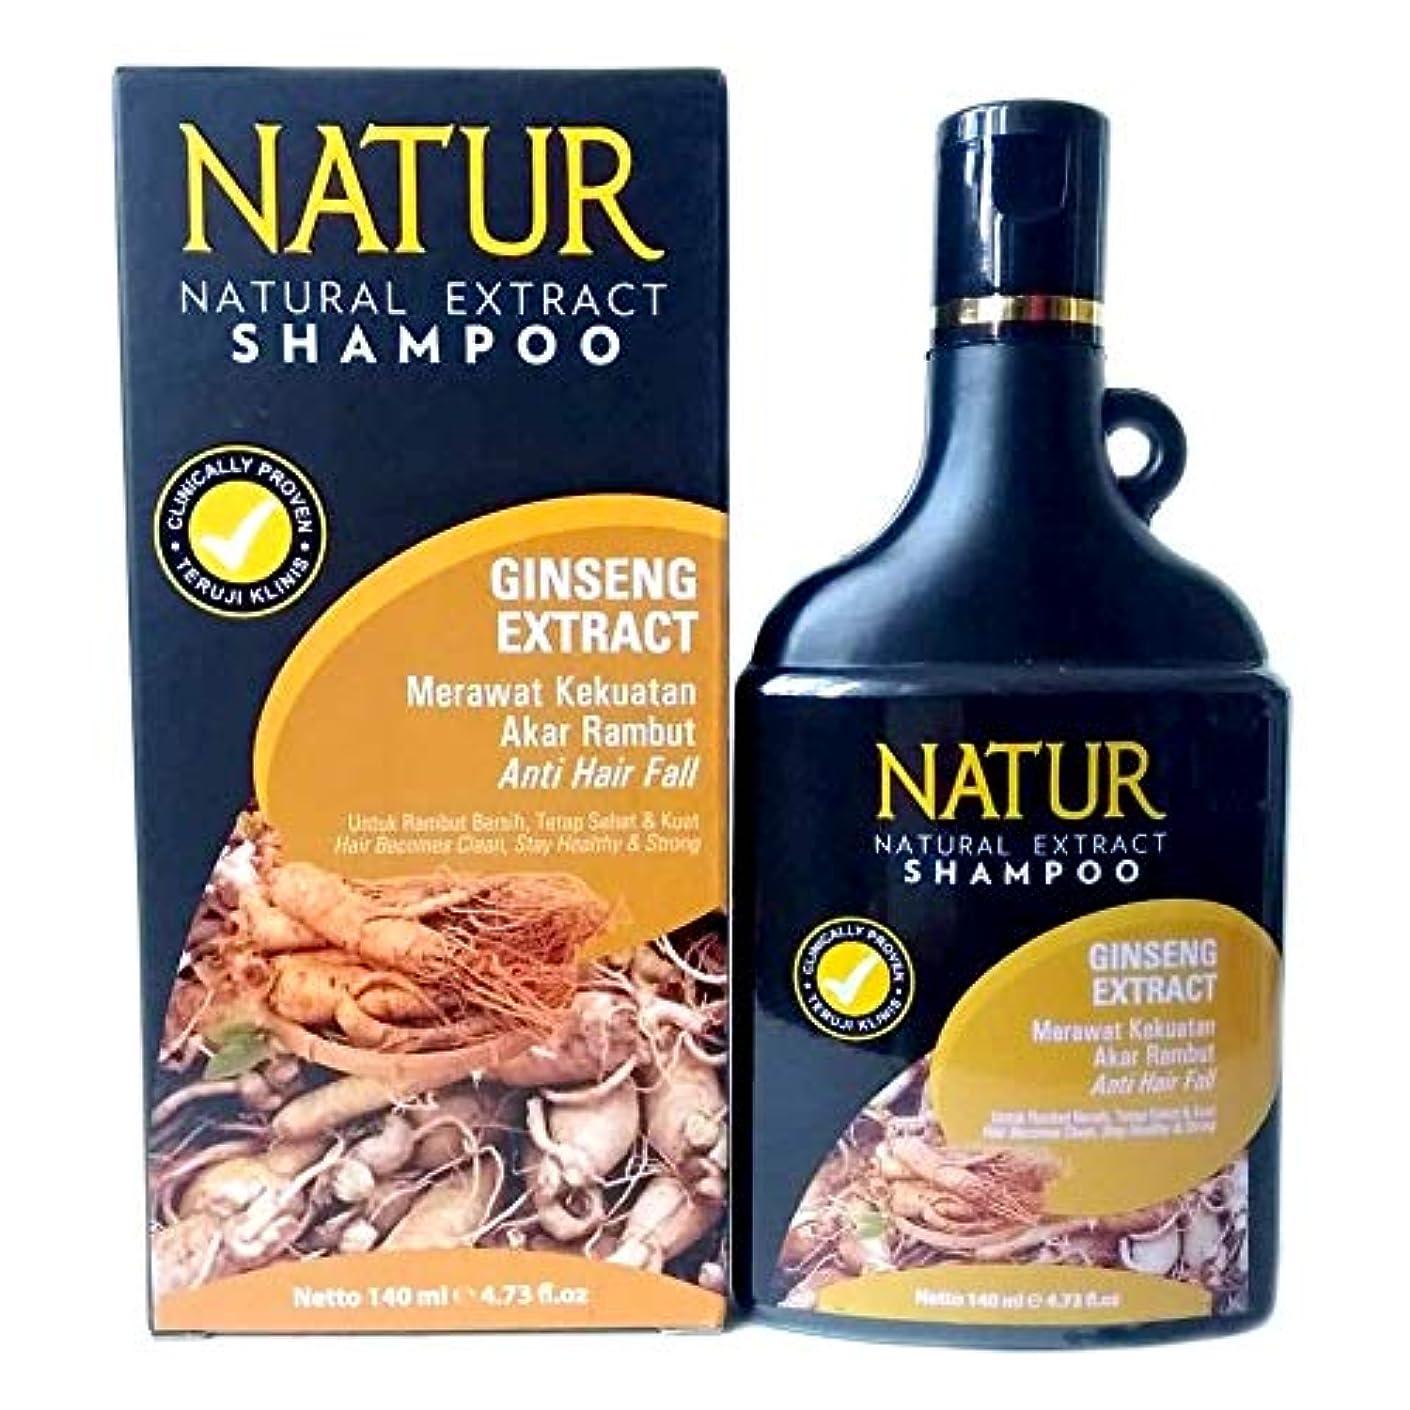 ずらす著名な名前でNATUR ナトゥール 天然植物エキス配合 ハーバルシャンプー 140ml Ginseng ジンセン [海外直商品]